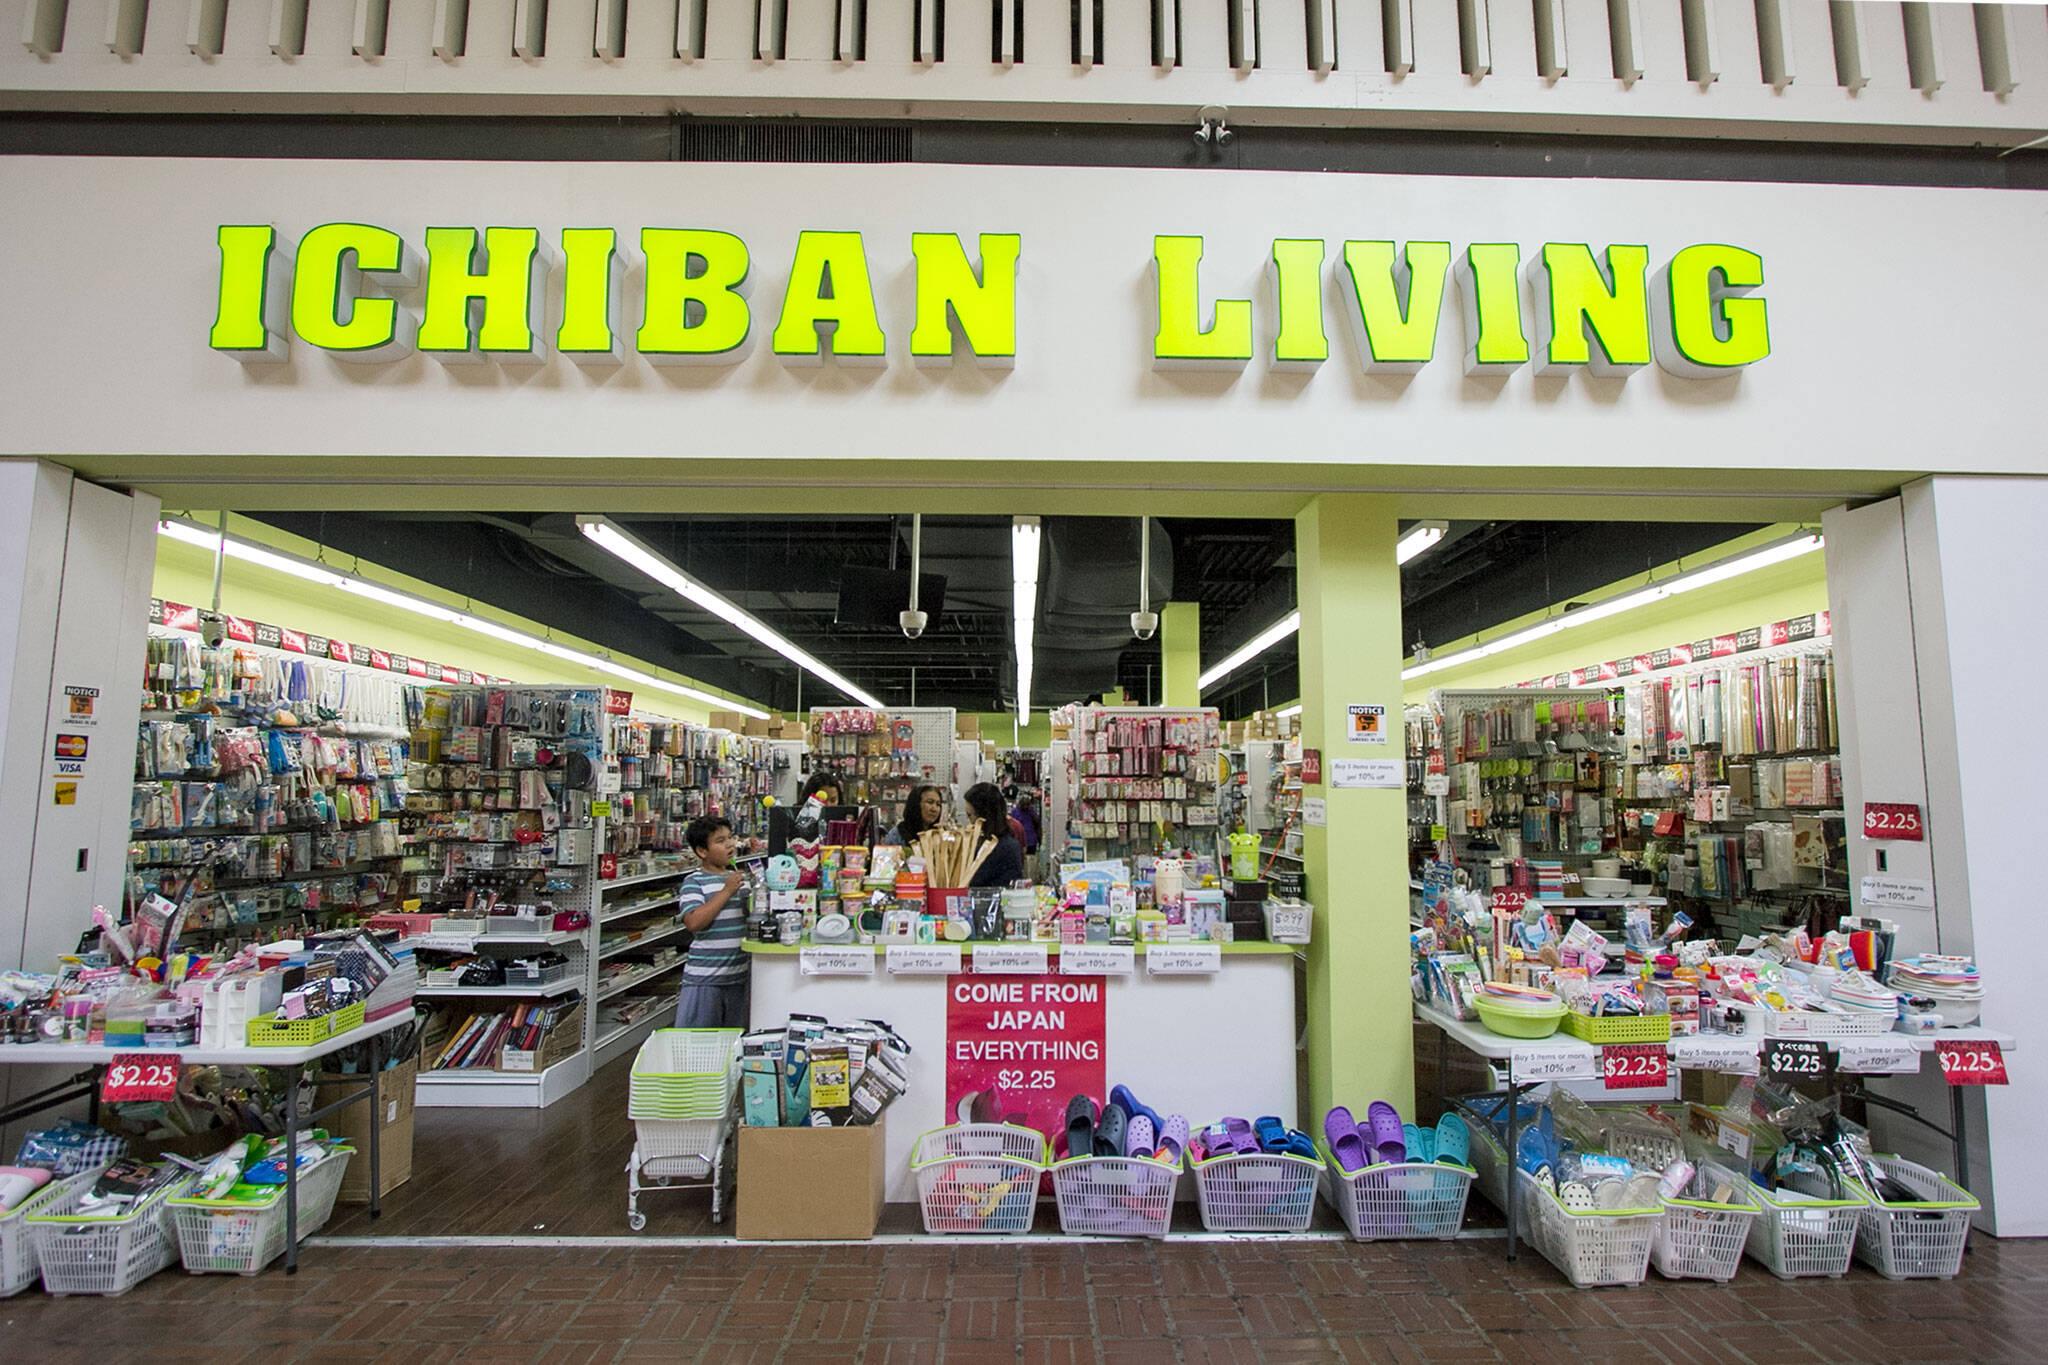 ichiban living toronto